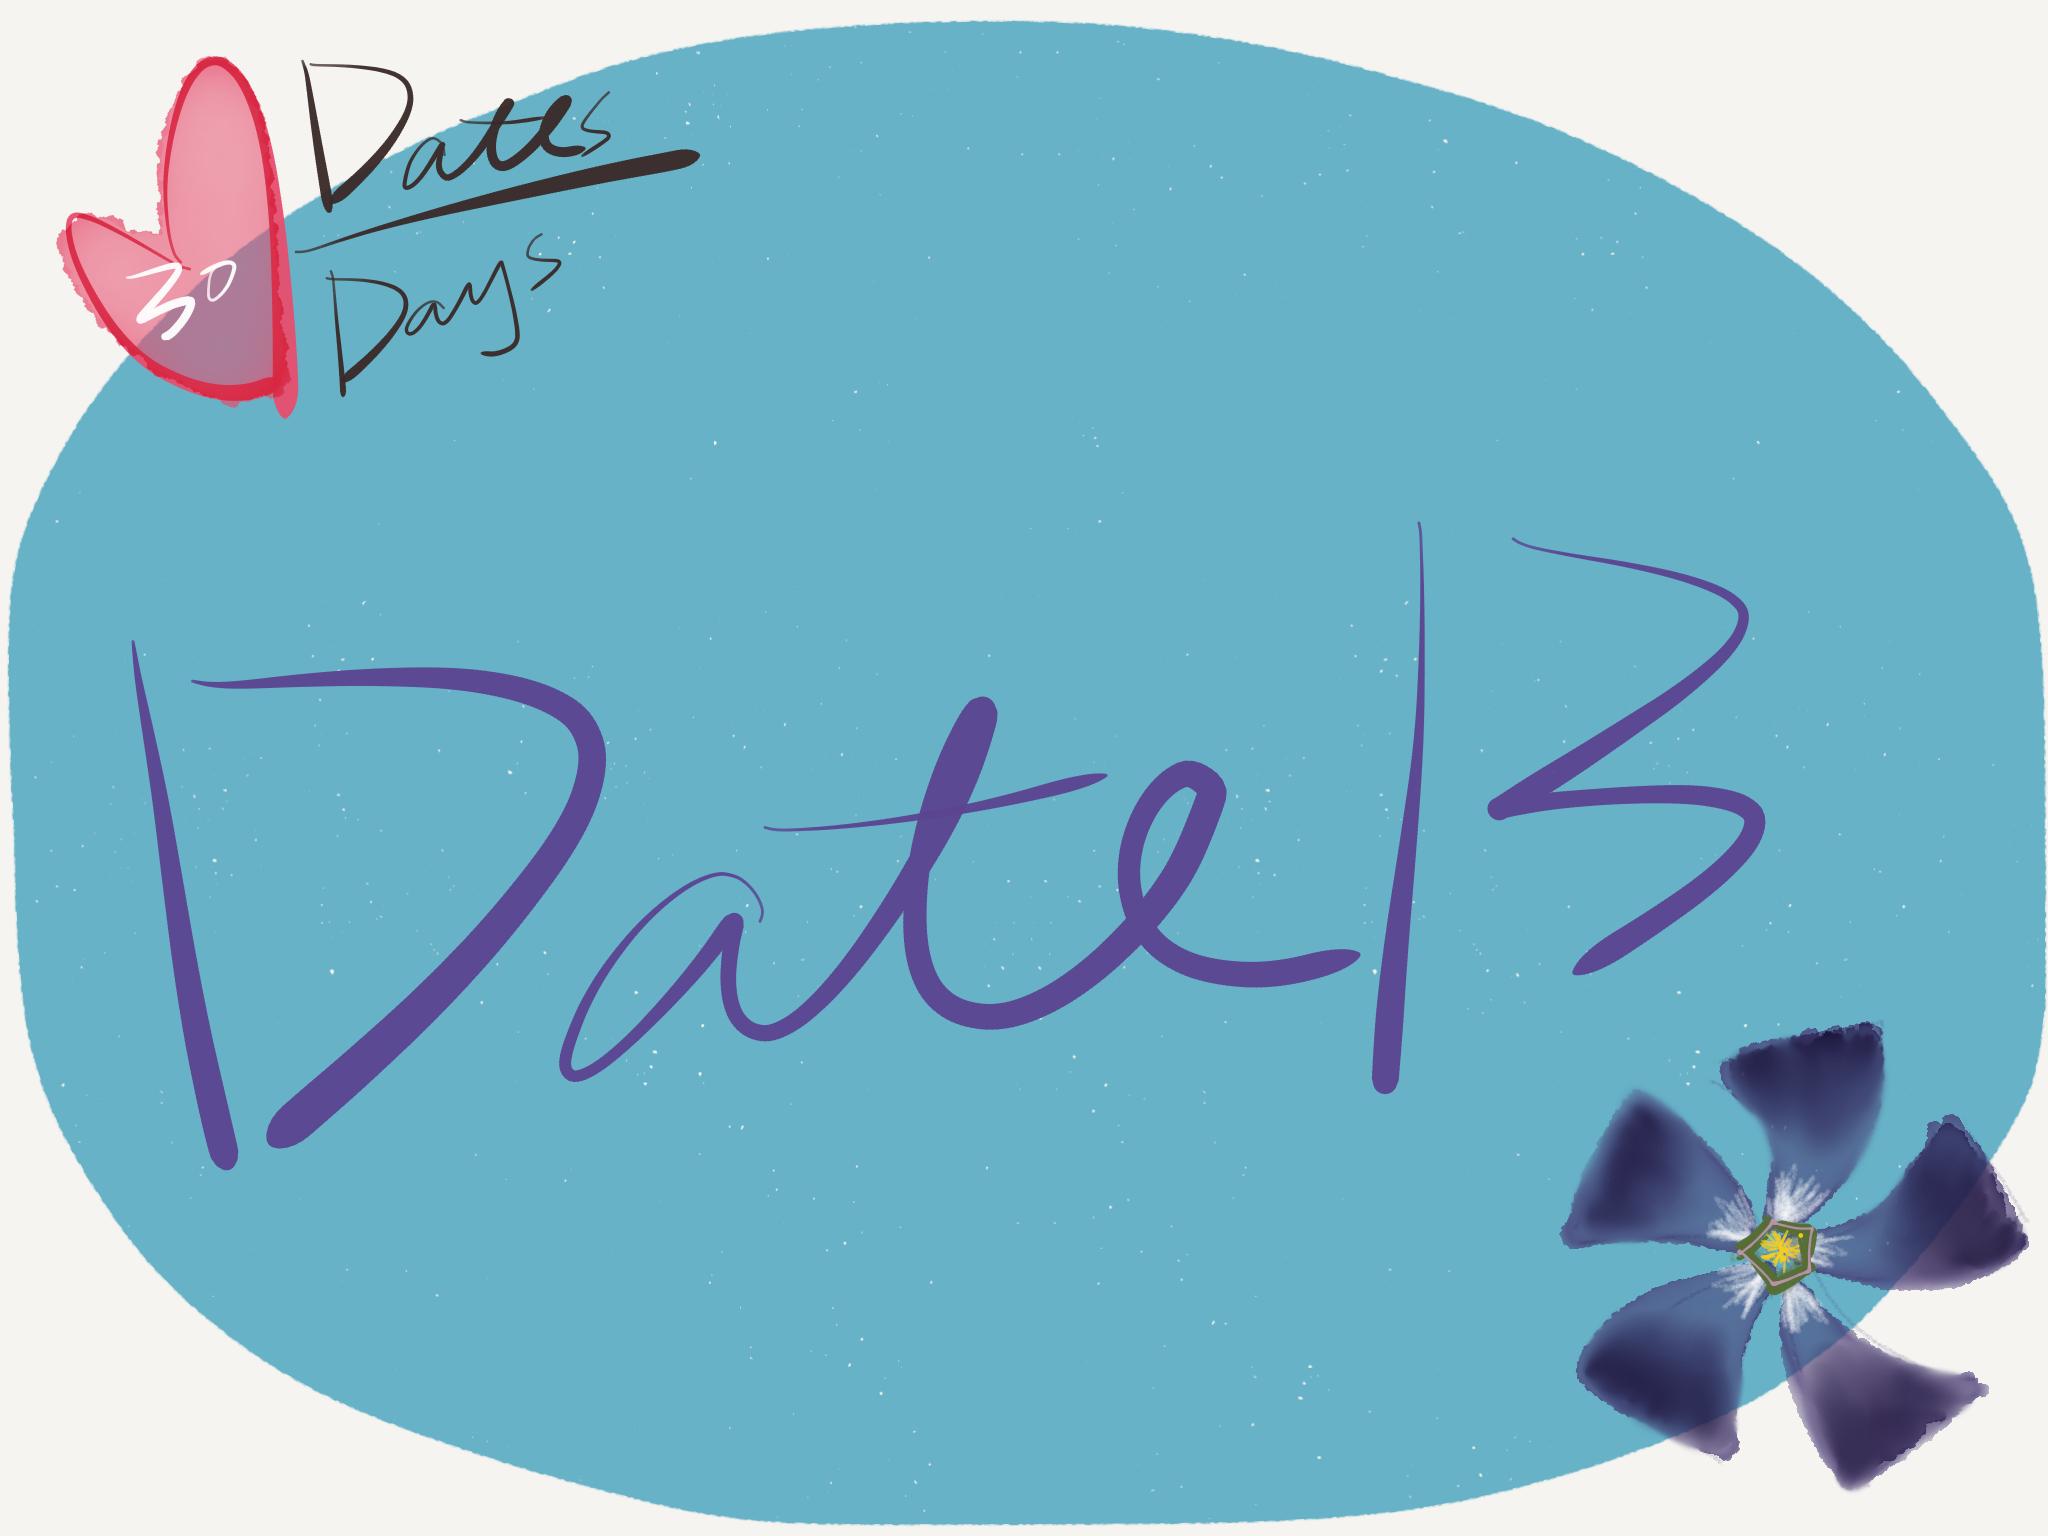 30 Dates - 15